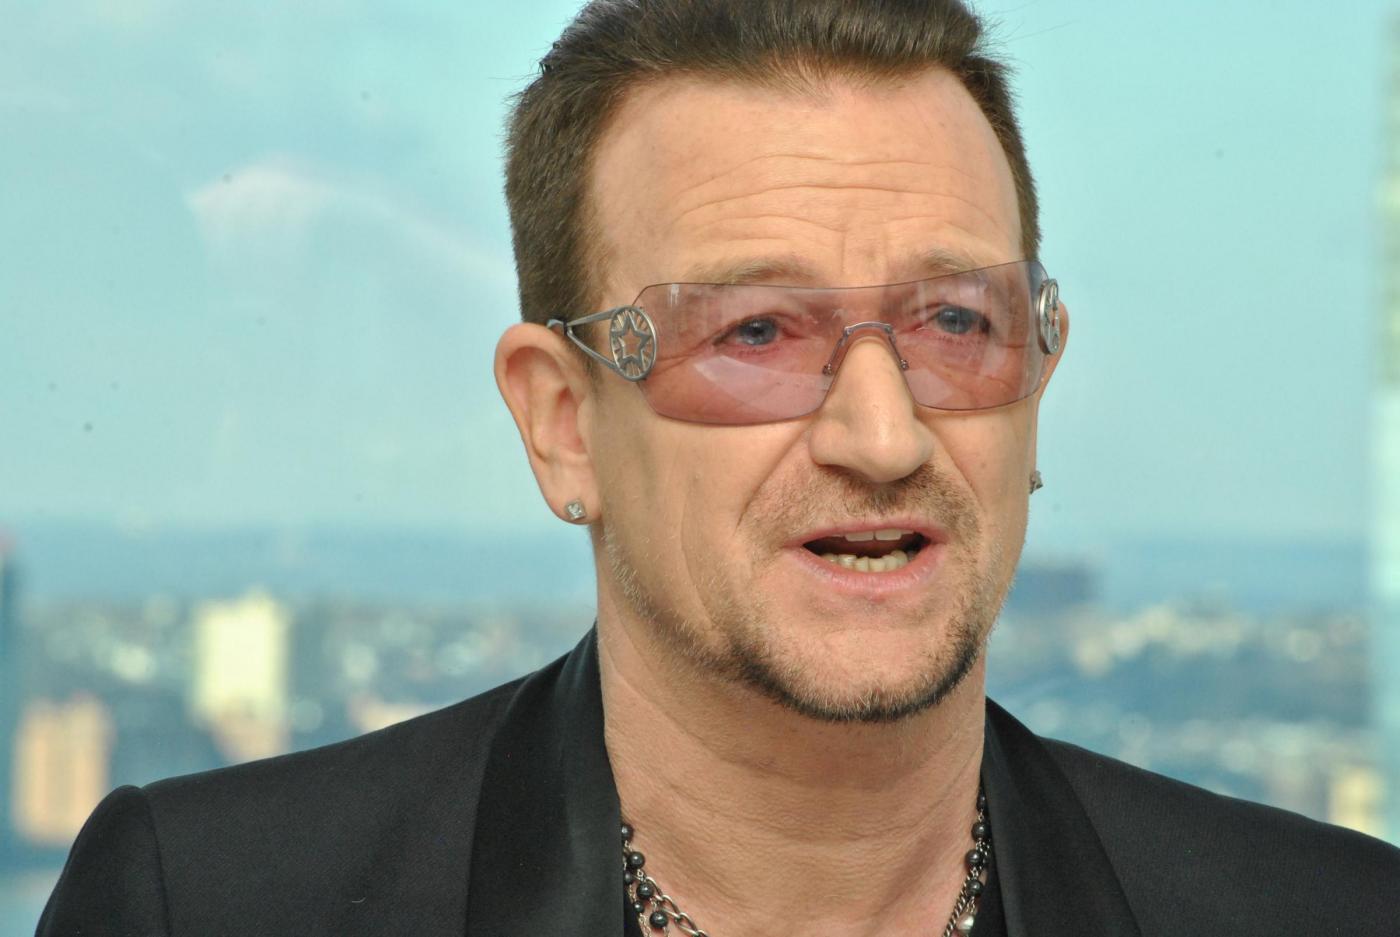 Bono Vox degli U2 rivela: 'Occhiali? Li porto perché ho un glaucoma'